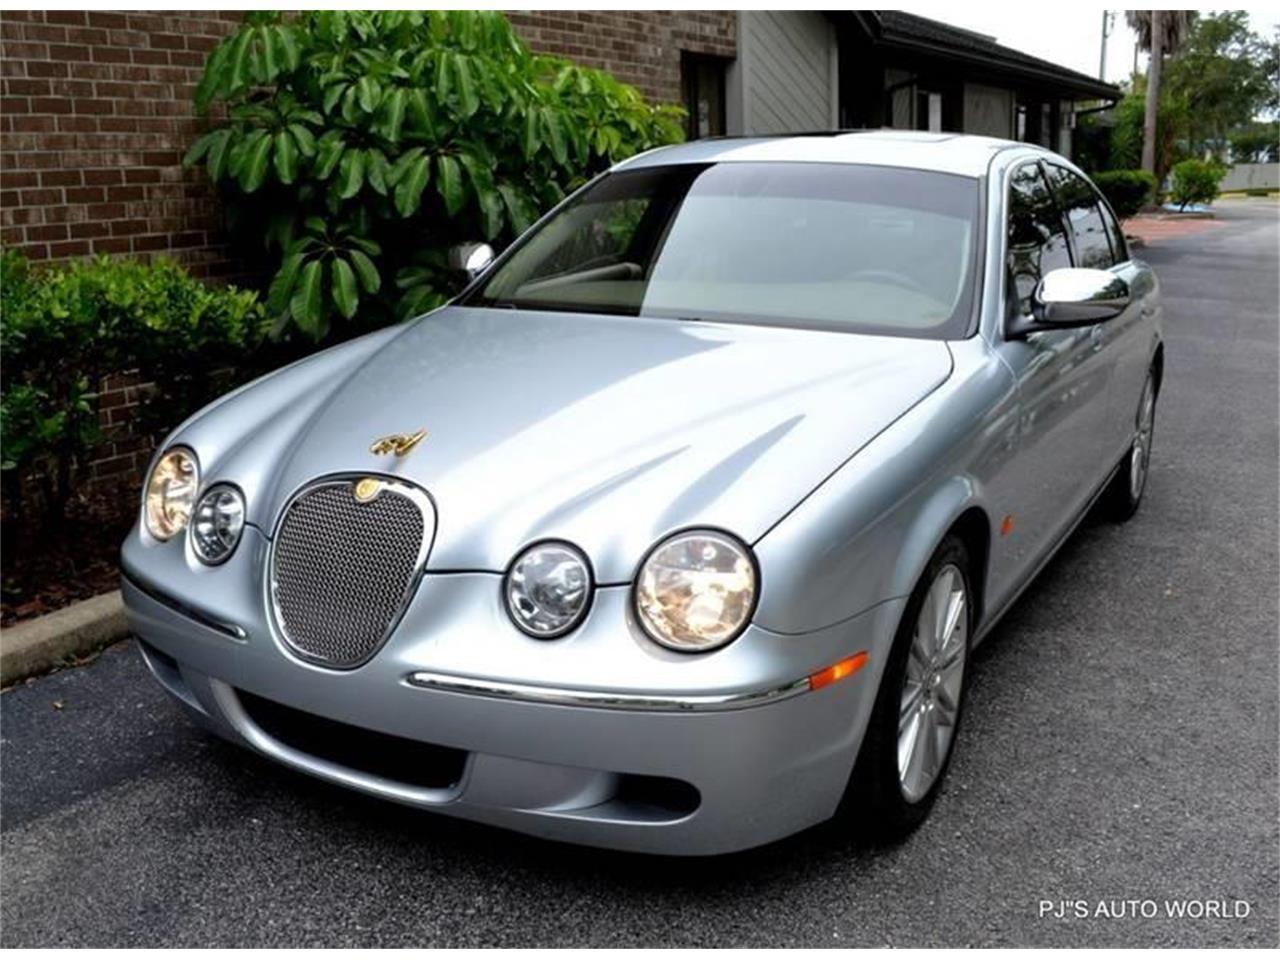 2008 Jaguar S-Type for Sale | ClassicCars.com | CC-1130749